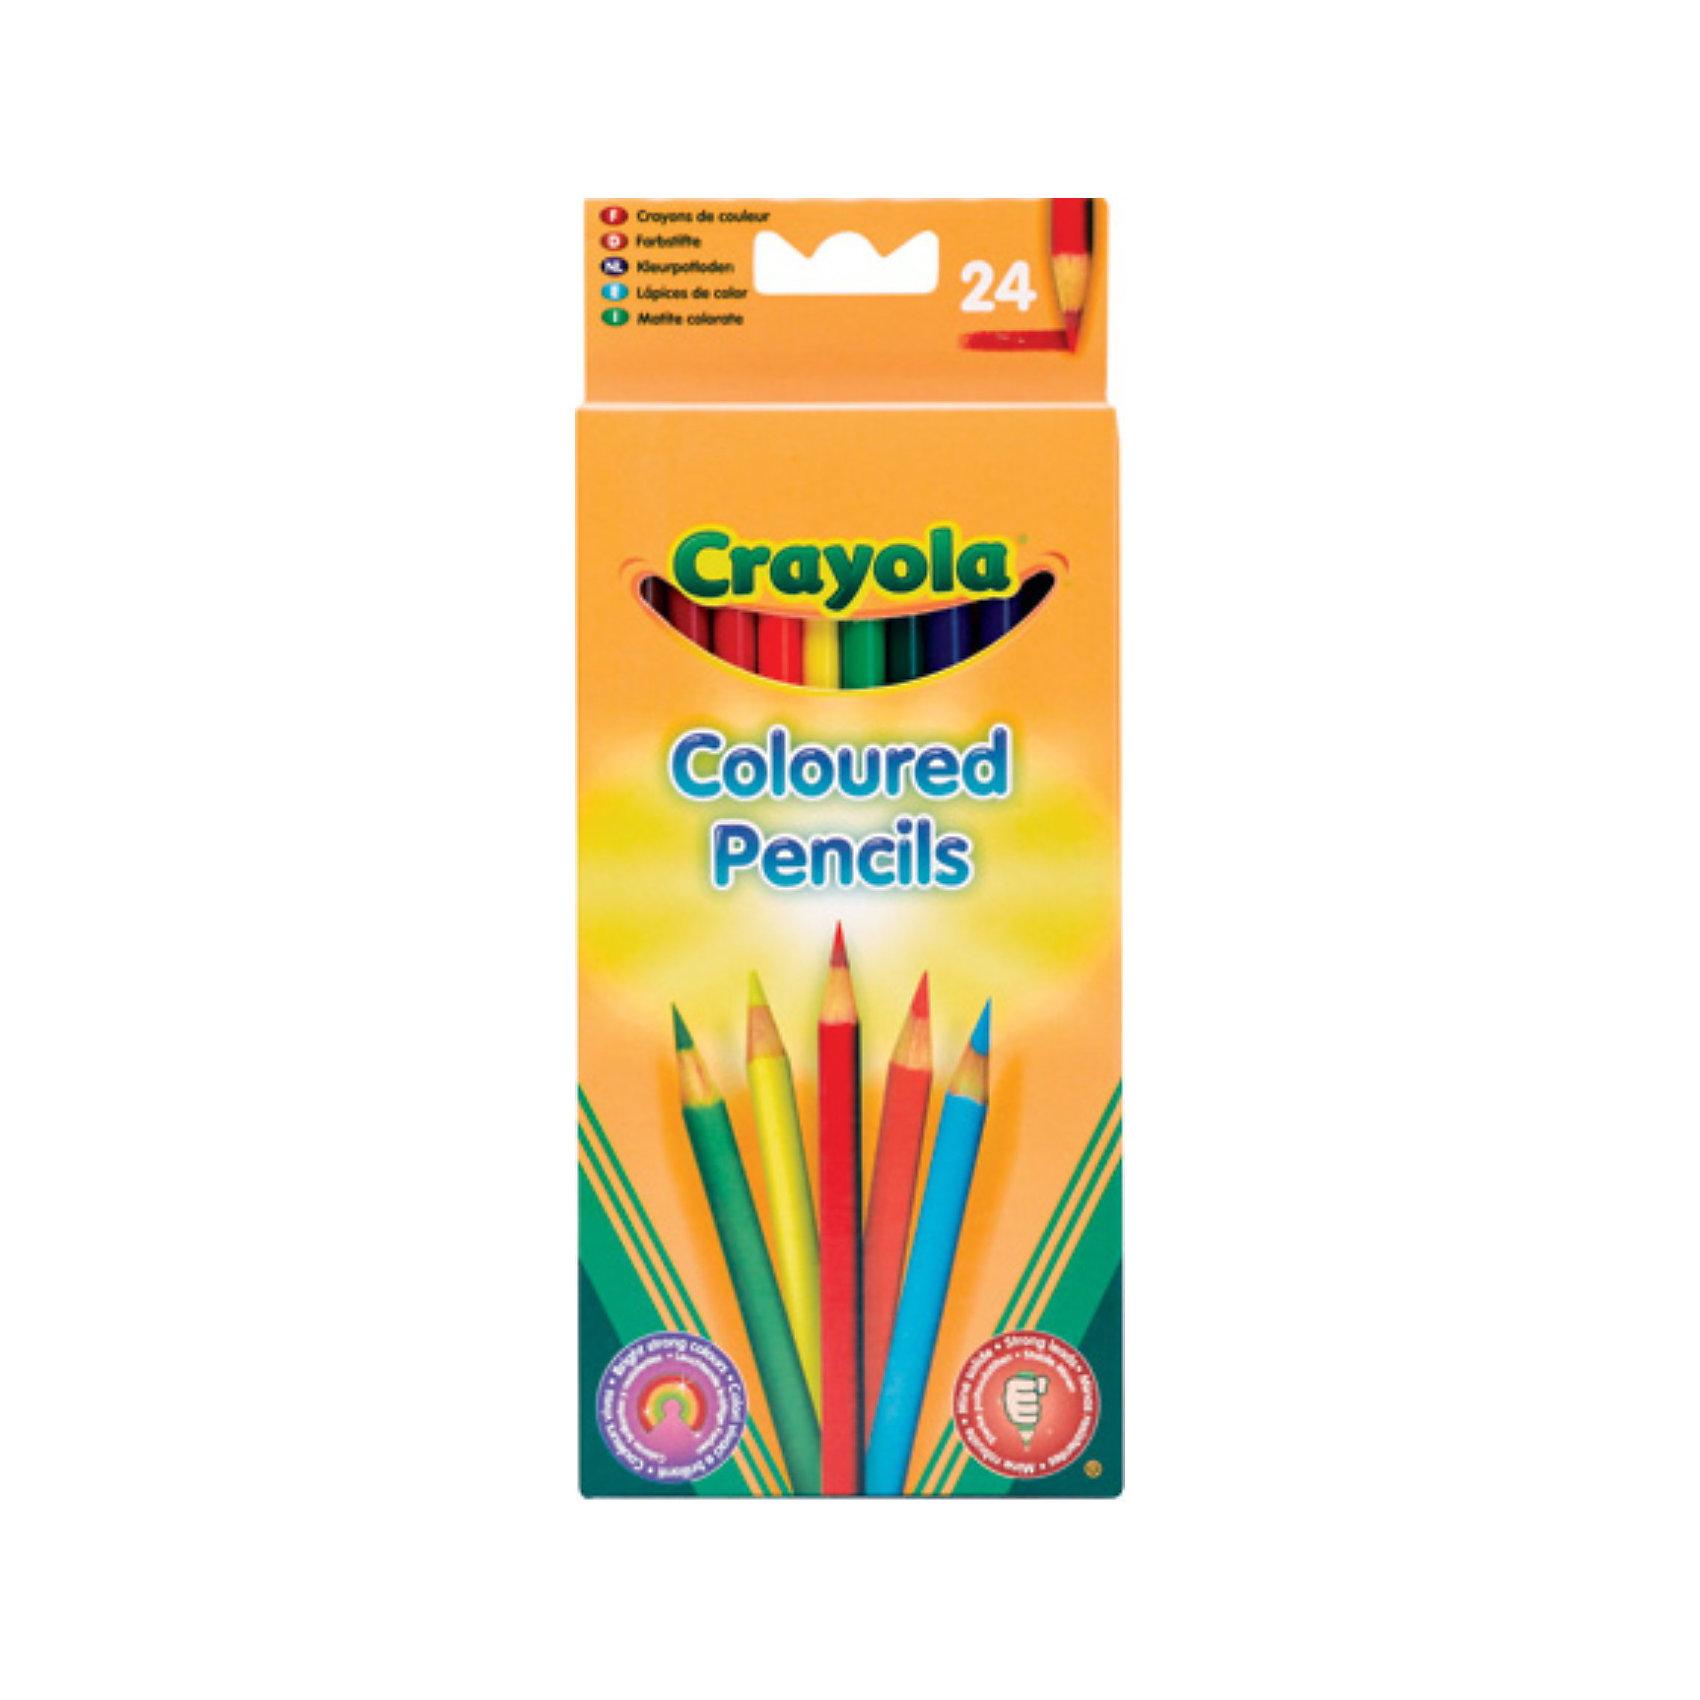 Crayola Набор из 24 цветных карандашейПисьменные принадлежности<br>Набор цветных карандашей от Crayola.<br><br>Рисование – одно из любимых детских занятий. И если технику рисования красками с помощью кисточки маленьким деткам удается постичь не сразу, то цветными карандашами с удовольствием рисуют даже годовалые малыши. Они необходимы ребенку на занятиях в детском саду, на уроках в школе, ими с удовольствием рисуют дома и берут с собой в дорогу. Однако, родителям хорошо известно о том, что выбрать карандаши хорошего качества не так просто. Многим приходилось сталкиваться с тем, что карандаши некоторых производителей легко ломаются, ведь маленький ребенок обычно чересчур сильно давит на грифель. Кроме того, далеко не все карандаши позволяют получить яркий, красочный рисунок, что огорчает малышей, предпочитающих насыщенные цвета. <br><br>С карандашами торговой марки Crayola вы забудете о подобных проблемах. Мы можем предложить вам набор из 24 цветных карандашей, рекомендованных для детей в возрасте от 3 лет. Карандаши Crayola отличаются особой прочностью грифеля, диаметр которого больше обычного. Это достигается с помощью использования специальных технологий. Купив своему ребенку такие карандаши, вы избавите себя от необходимости проводить едва ли не каждый вечер за их затачиванием. Однако, если все же в этом возникнет необходимость, высокое качество древесины, из которой они изготовлены, облегчит этот процесс. <br><br>Дополнительная информация:<br><br>Количество карандашей: 24. <br>Длина карандаша: 17,5 см. <br>Диаметр: 0,7 см. <br><br>Продукция торговой марки Crayola – это забота как о малышах, так и об их родителях.<br><br>Ширина мм: 90<br>Глубина мм: 22<br>Высота мм: 17<br>Вес г: 160<br>Возраст от месяцев: 36<br>Возраст до месяцев: 1188<br>Пол: Унисекс<br>Возраст: Детский<br>SKU: 2149662